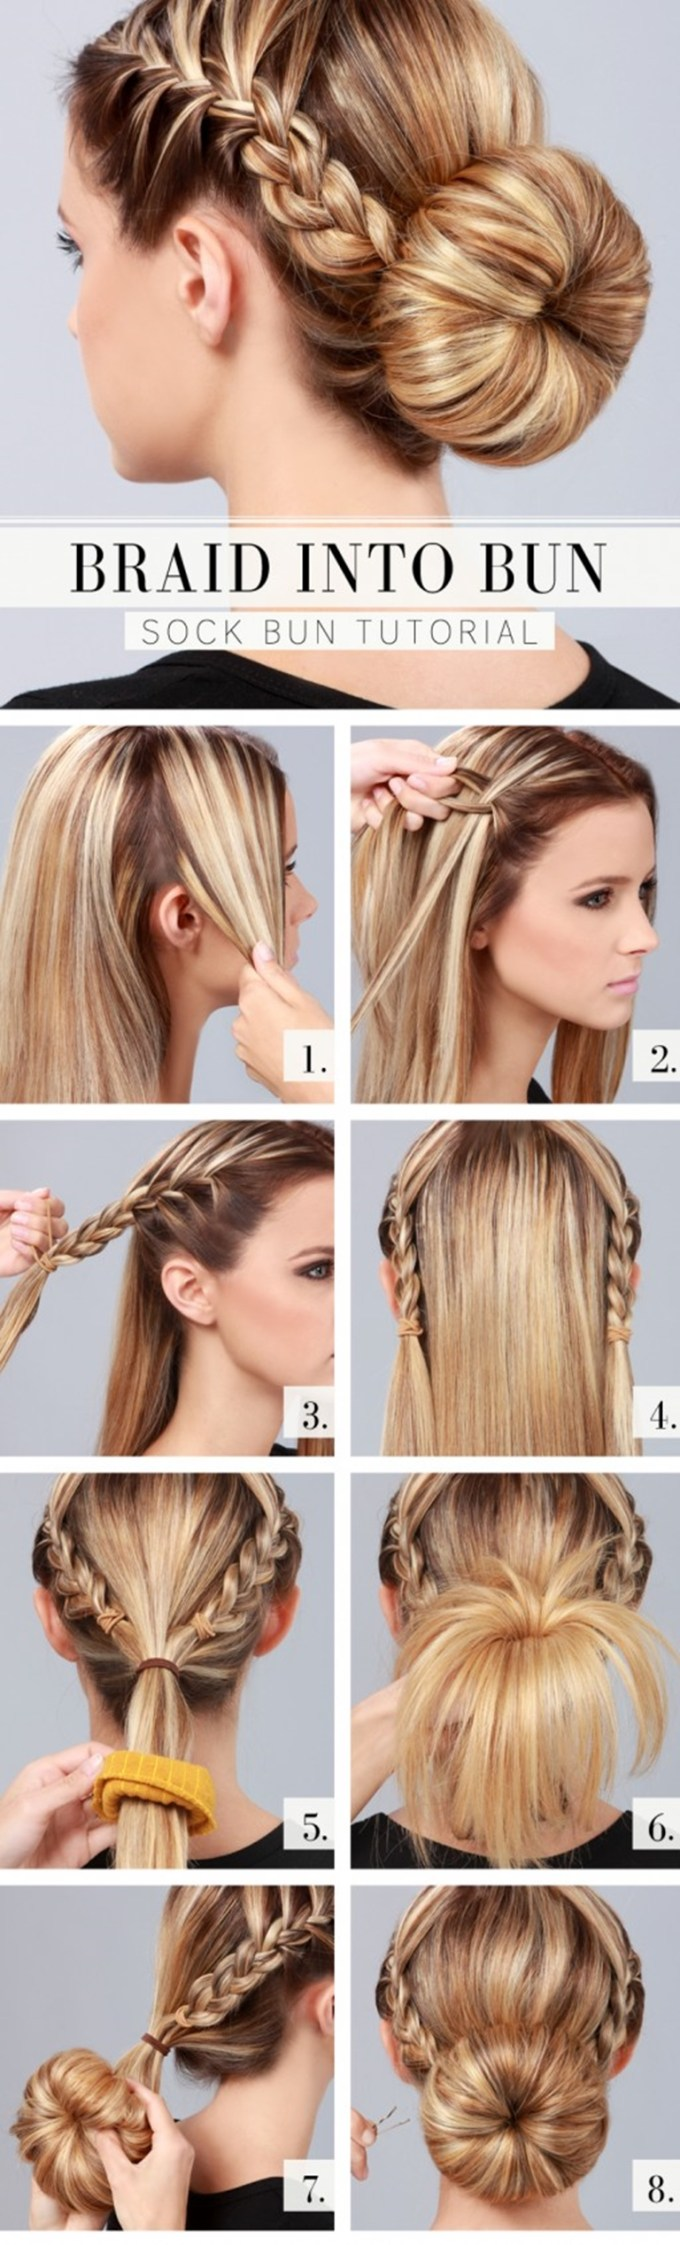 wonderful diy braid into bun hairstyle